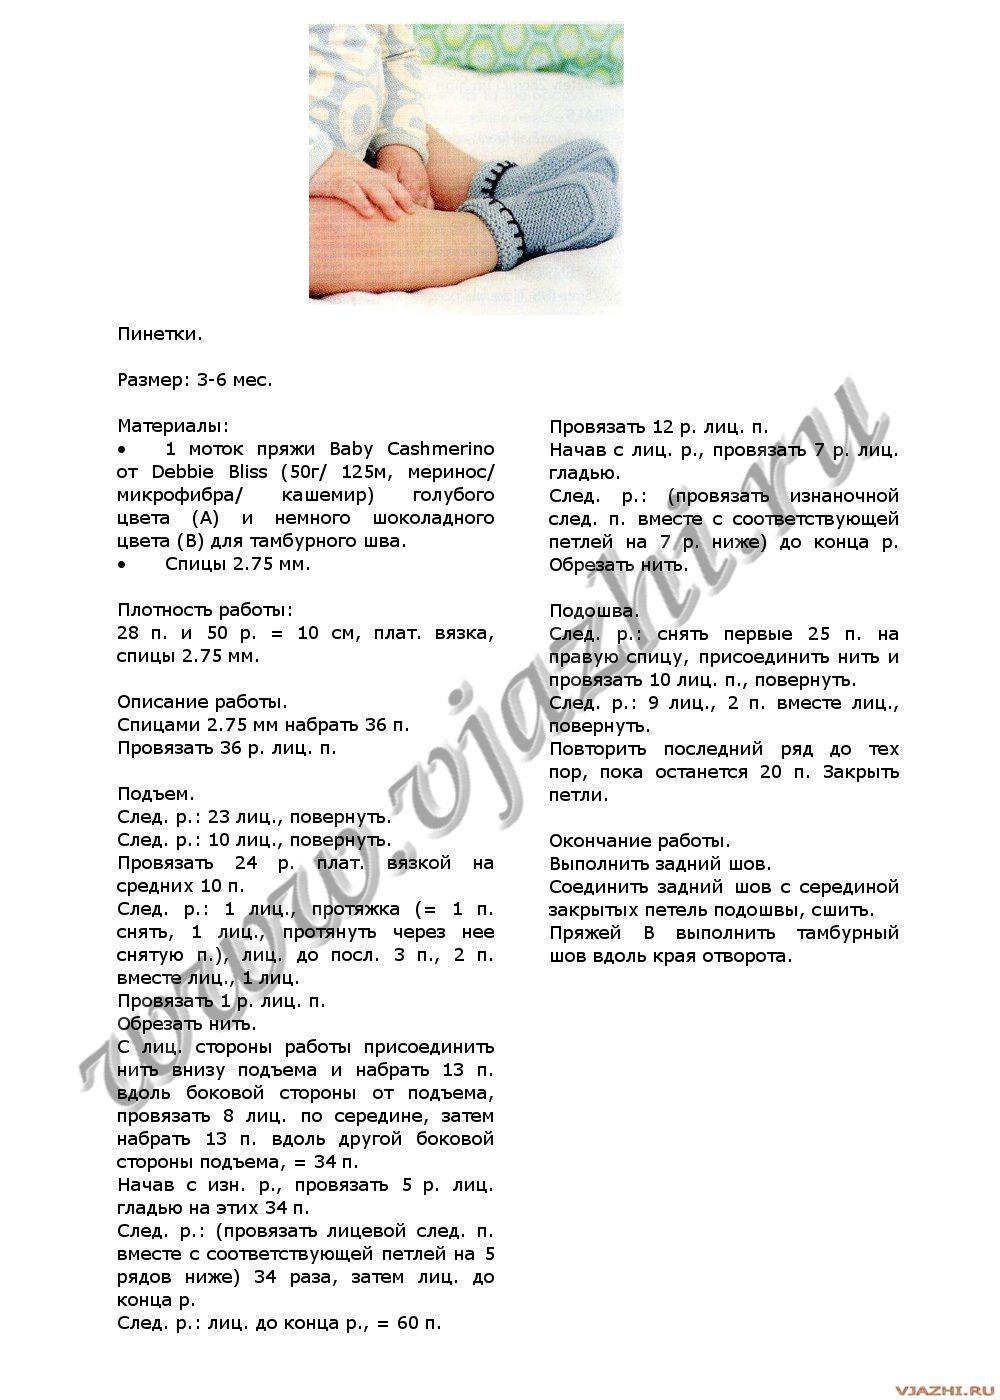 Алексей баталов его жена и дети фото